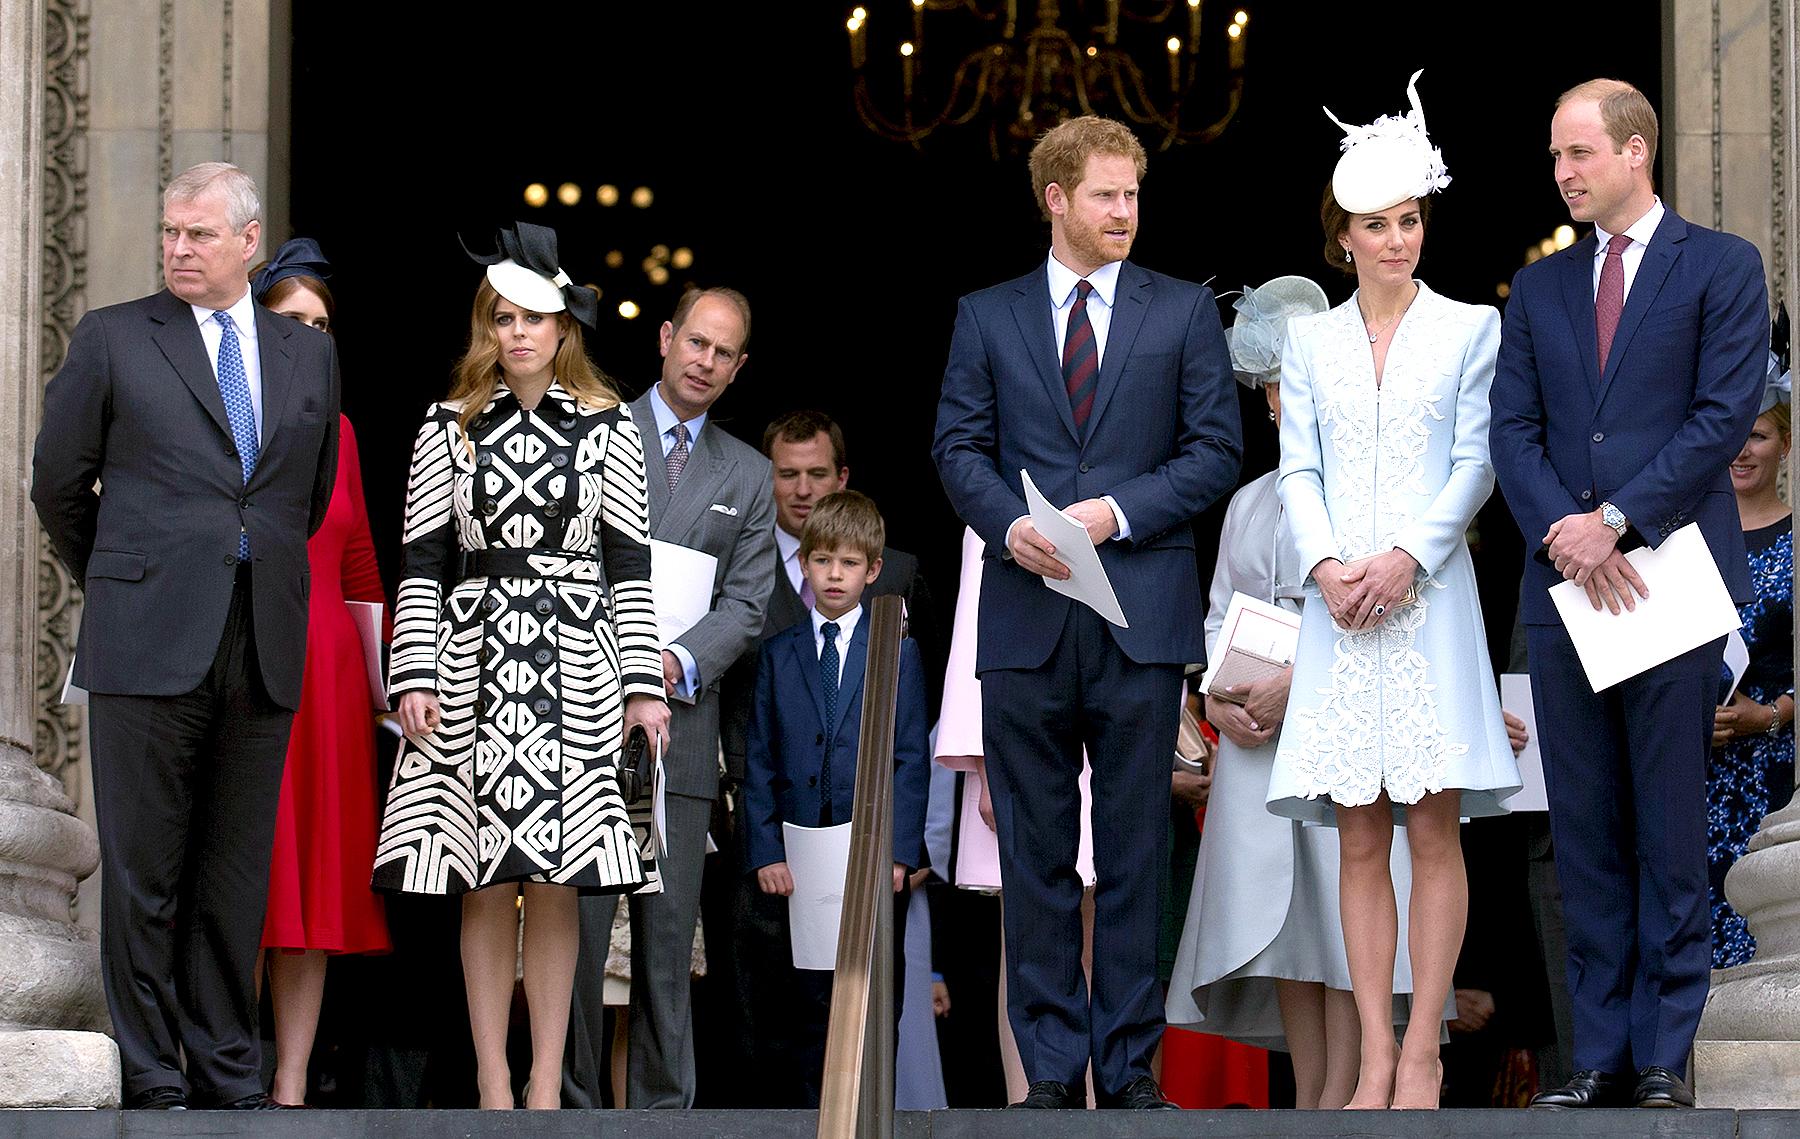 Britain's Prince Andrew (L), Britain's Princess Eugenie of York (2nd L), Britain's Princess Beatrice of York (3rd L), Britain's Prince Edward, Earl of Wessex (4th L), Britain's Prince Harry (3rd R), Britain's Catherine, Duchess of Cambridge (2nd R) and Britain's Prince William, Duke of Cambridge (R).